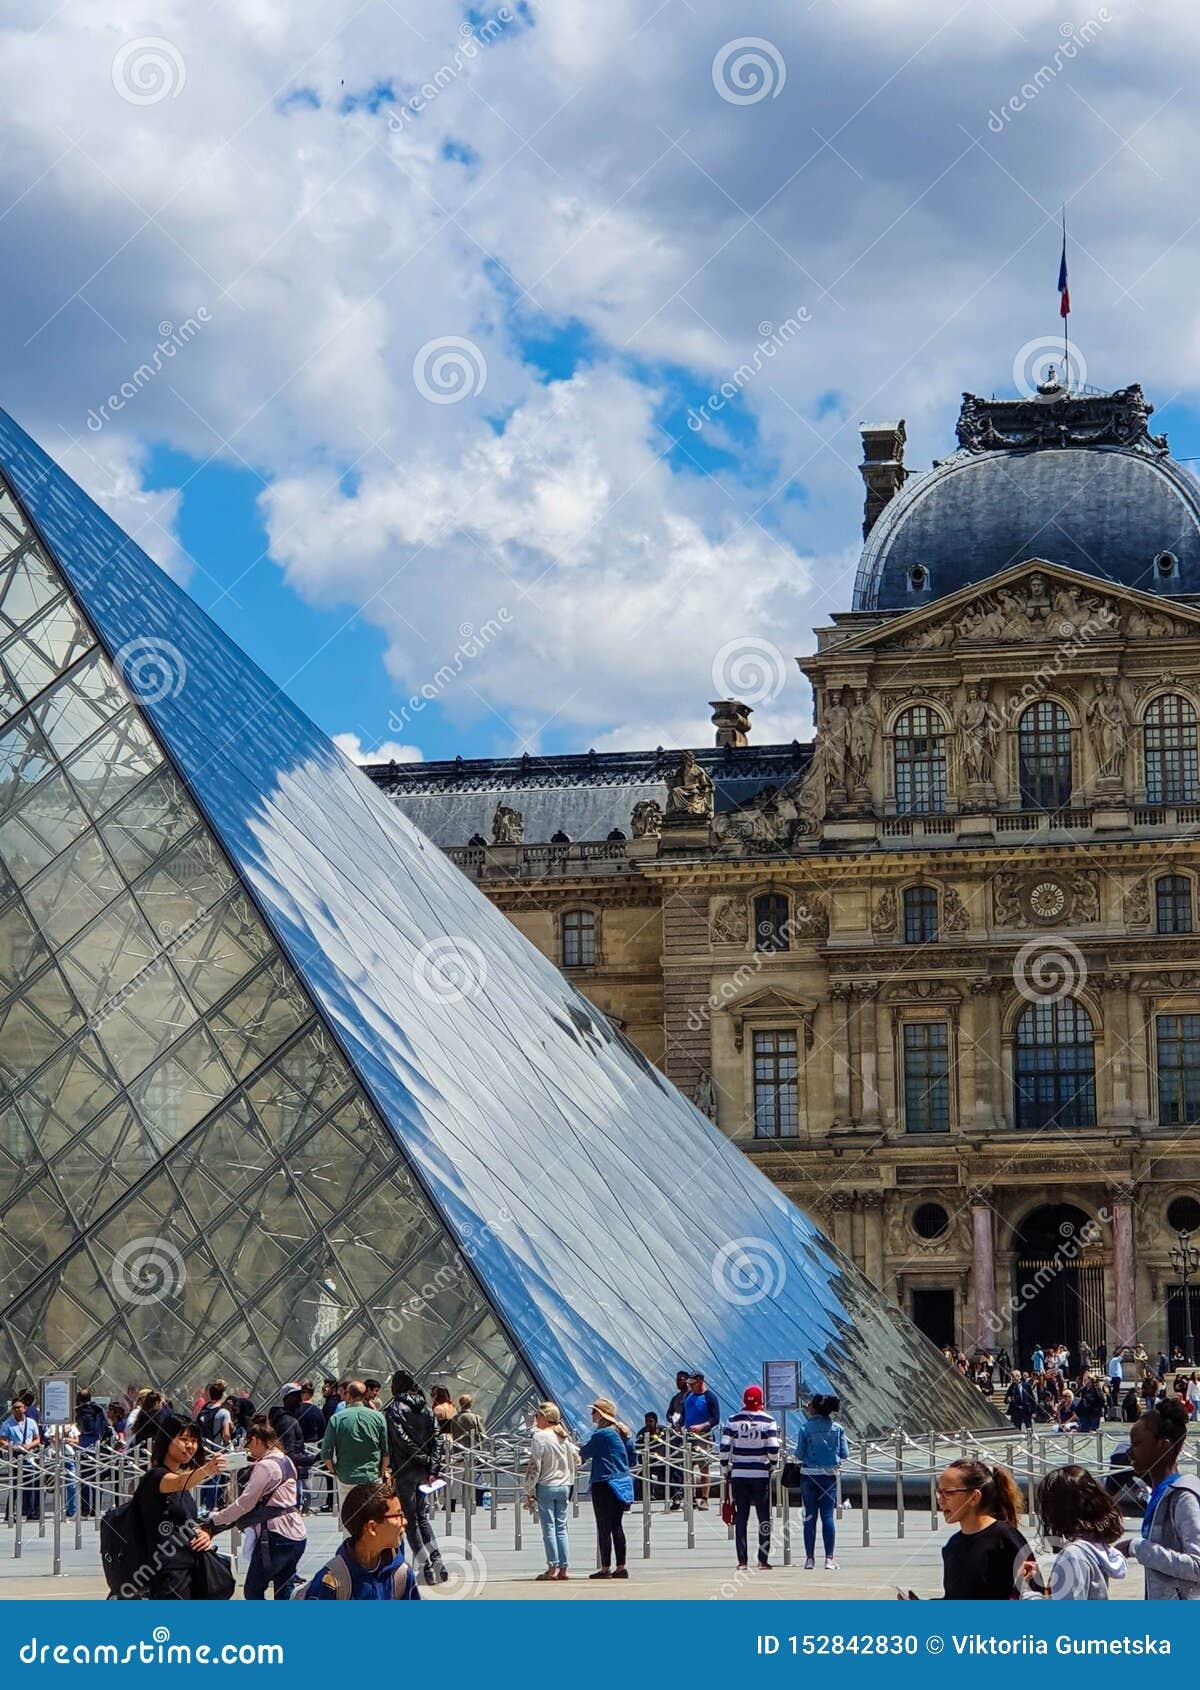 Παρίσι, Γαλλία, τον Ιούνιο του 2019: Μουσείο του Λούβρου και η πυραμίδα του